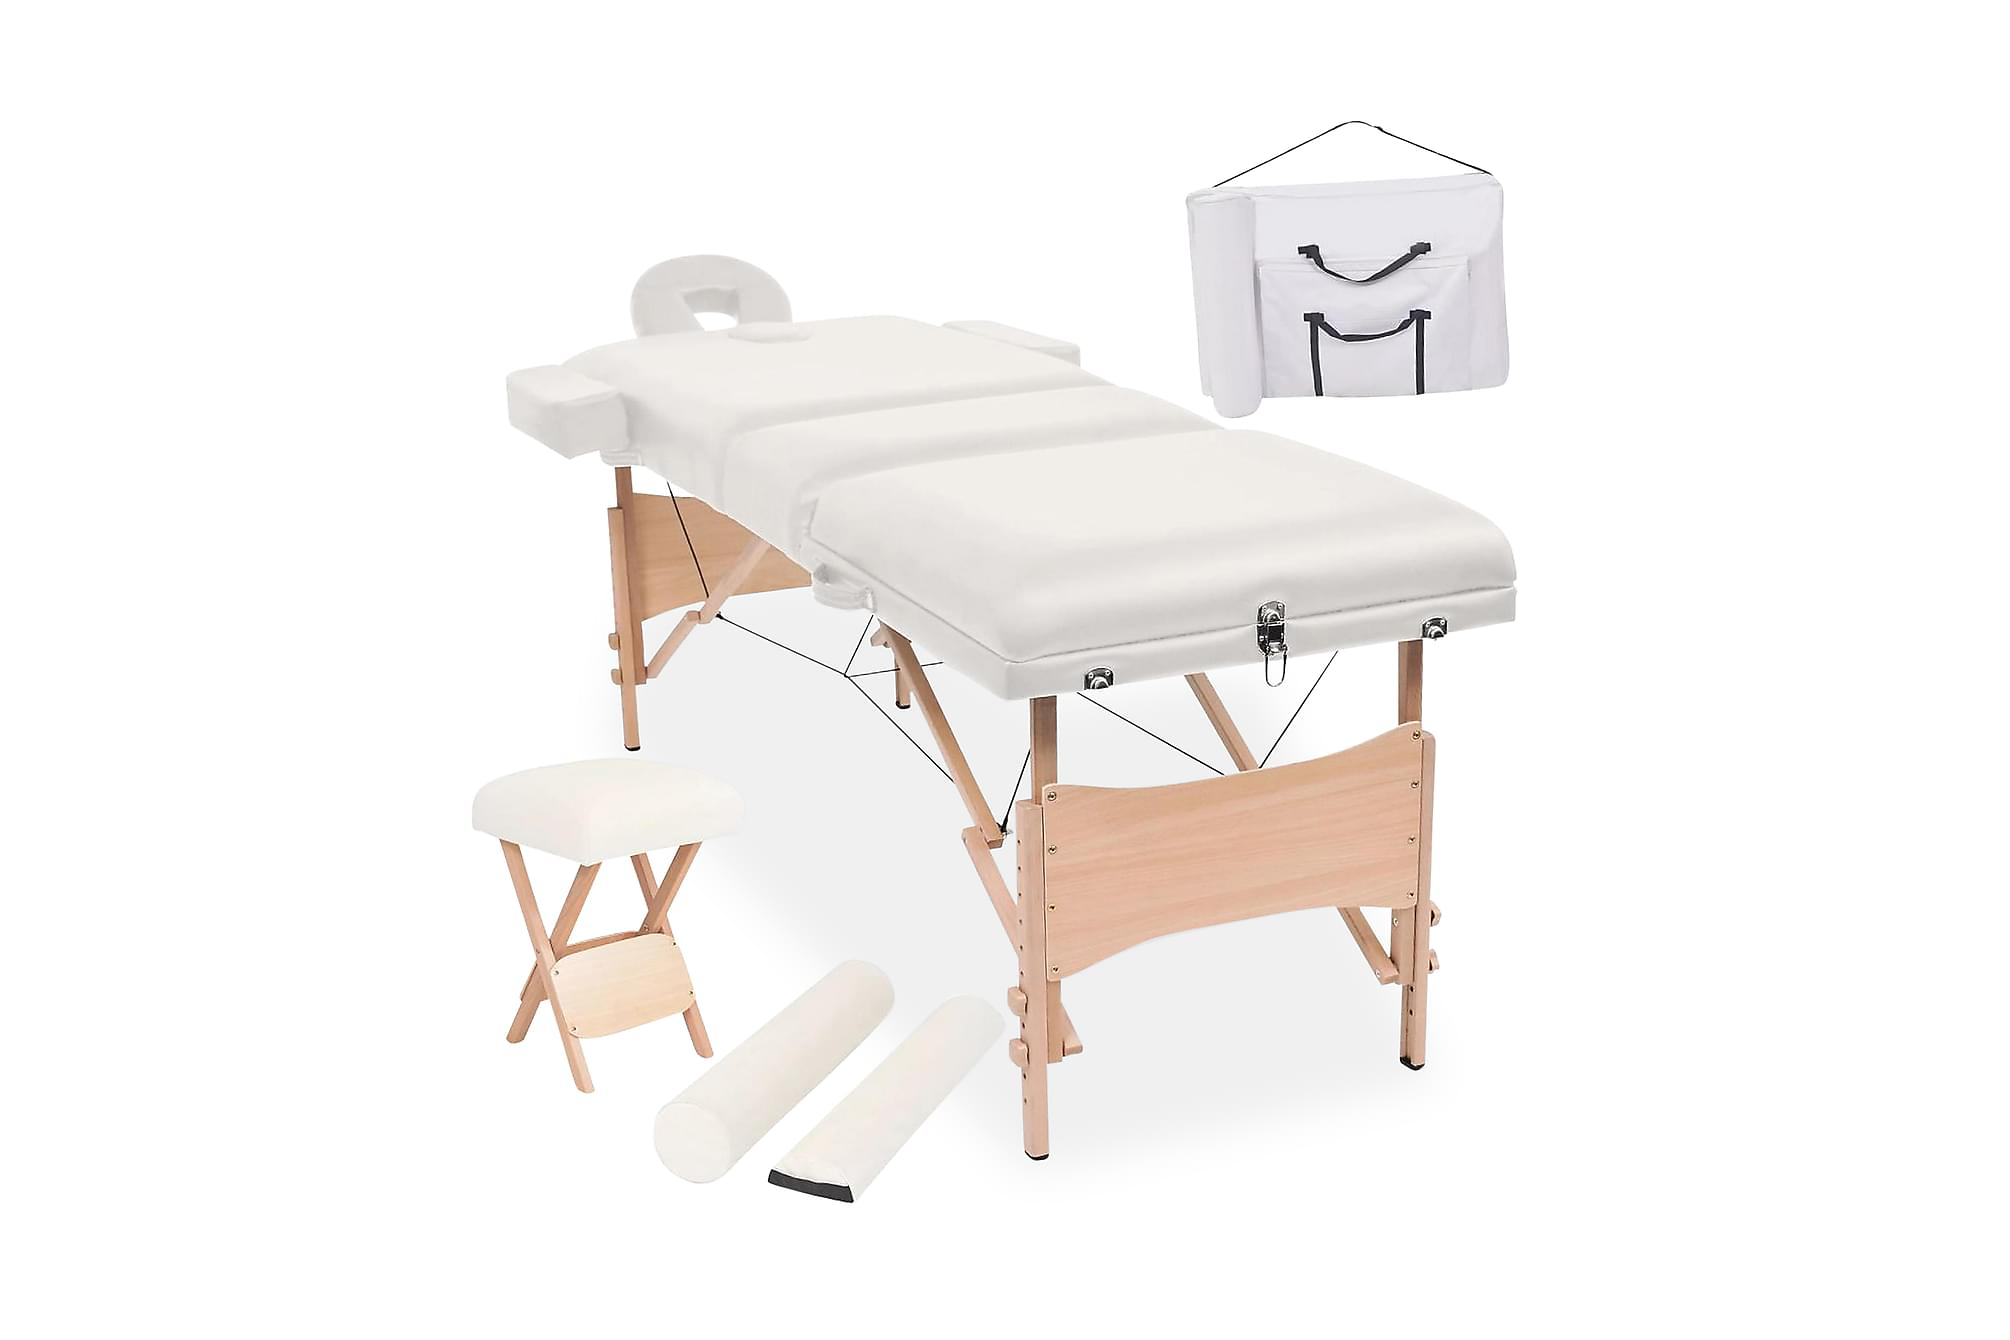 Hopfällbar massagebänk 3 sektioner och pall set 10 cm tjock